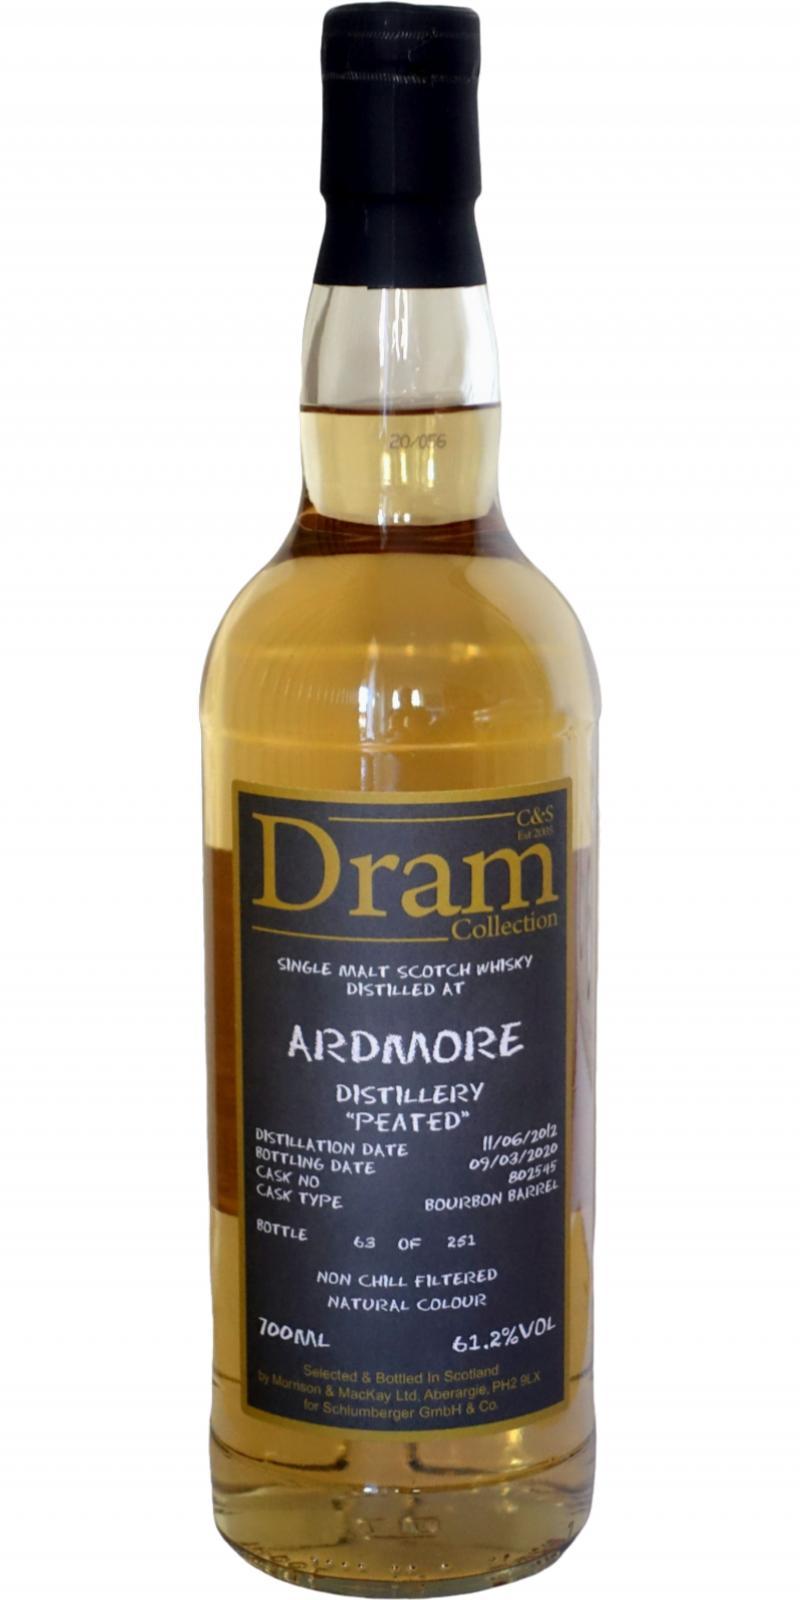 Ardmore 2012 C&S